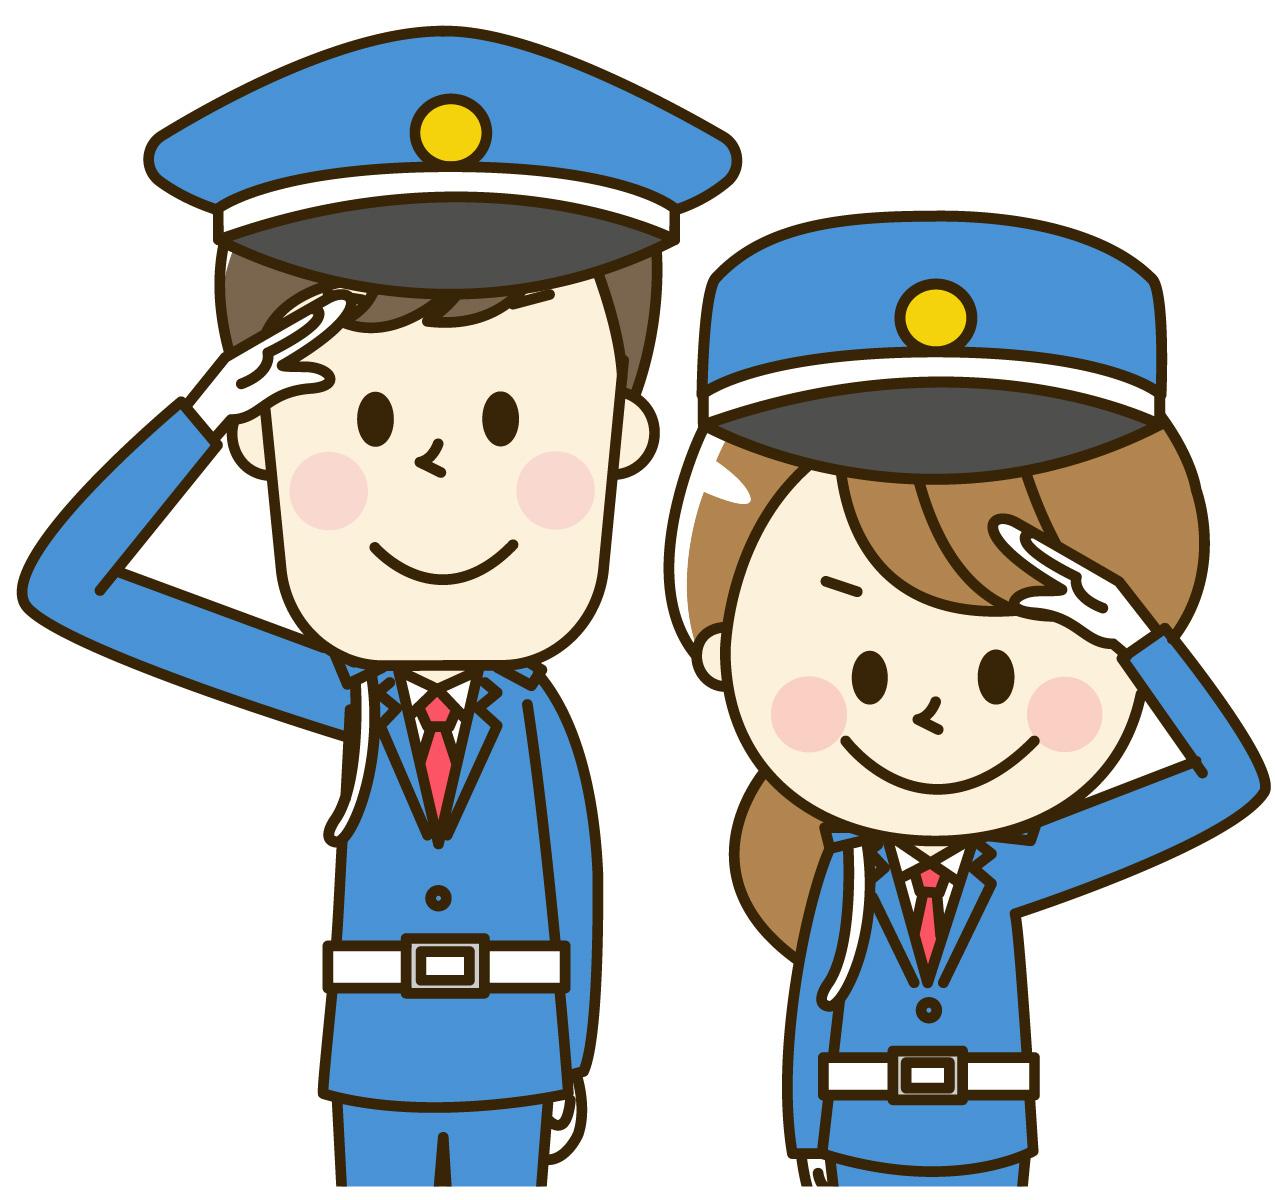 警備員がとっておきたい資格とは?キャリアアップの道もある?